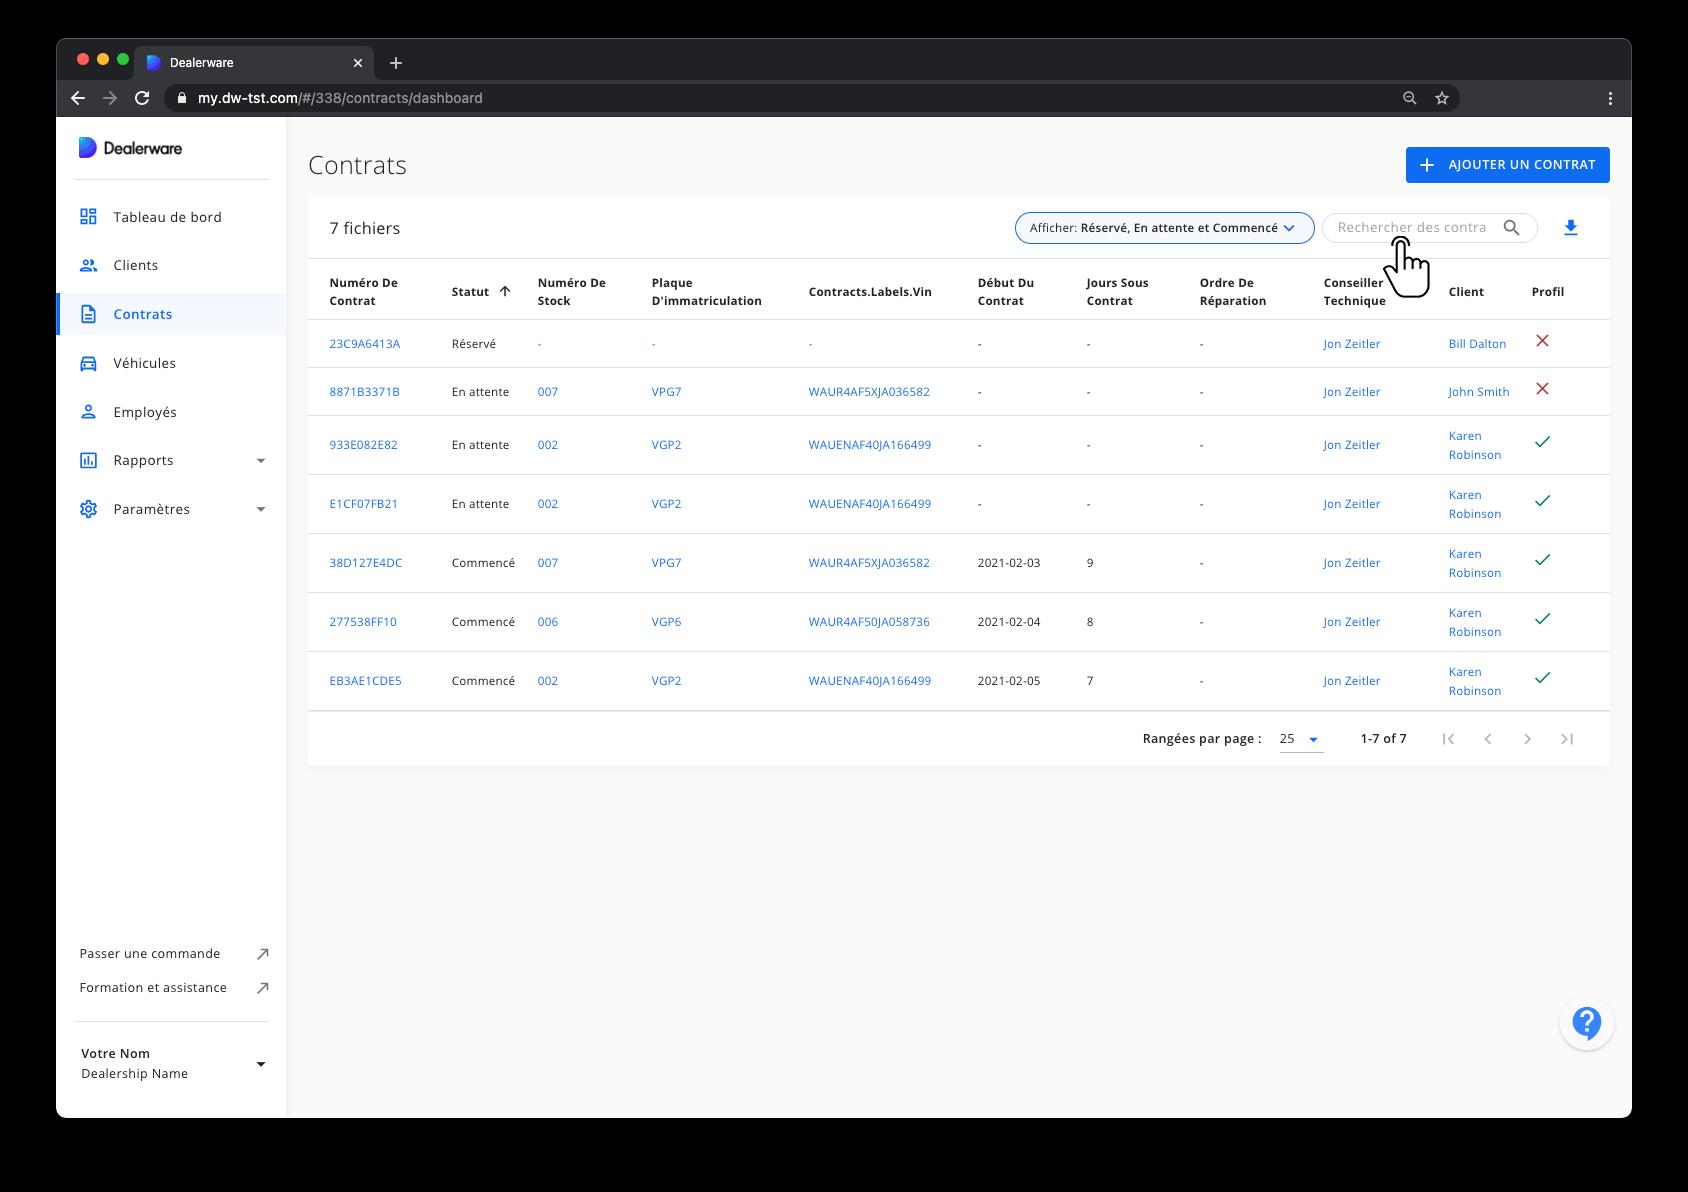 Image1: Écran Contrat et menu principal de Dealerware, icône de doigt positionnée sur le champ Rechercher des contrats